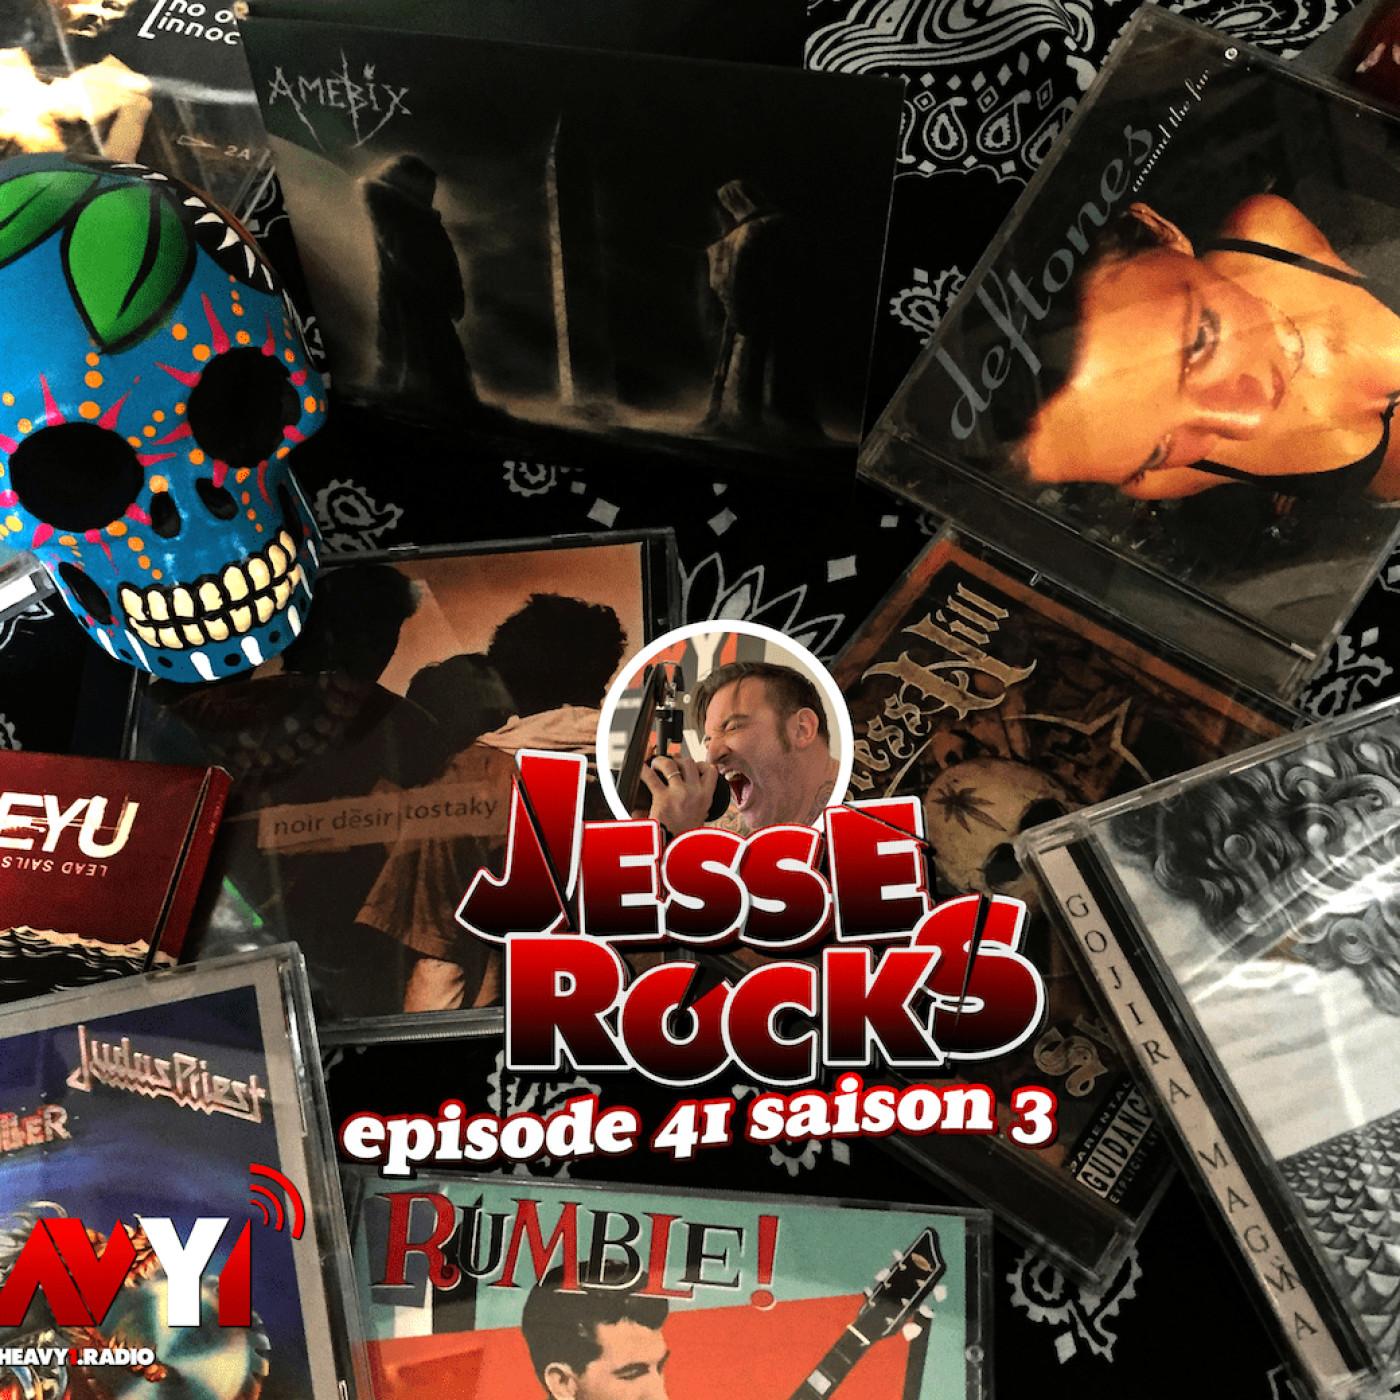 Jesse Rocks #41 Saison 3